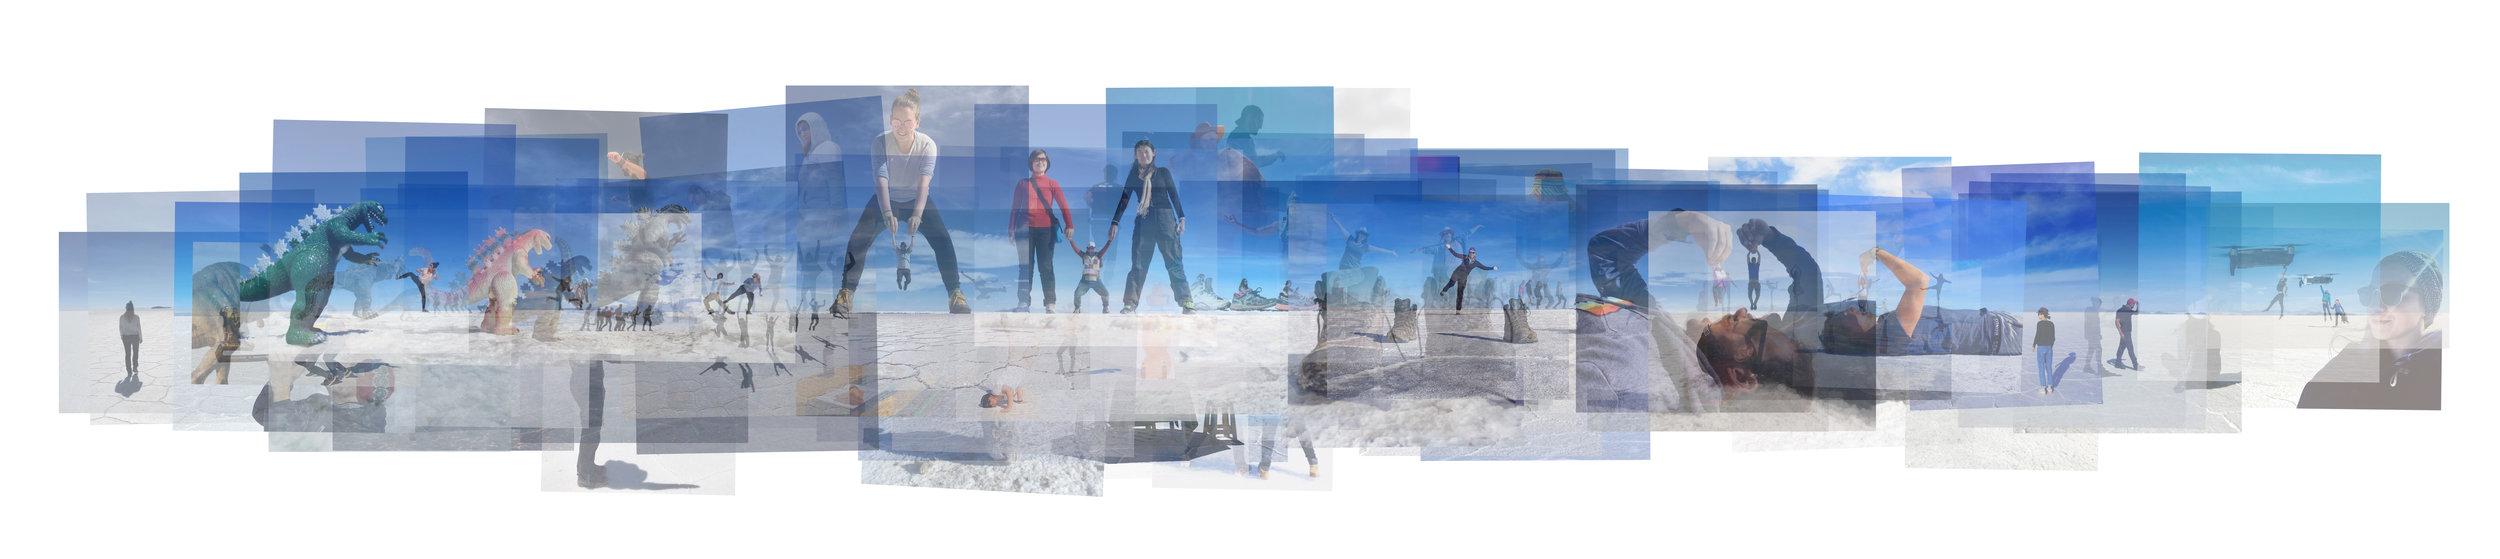 99 Unique Experiences - Salar de Uyuni.jpg